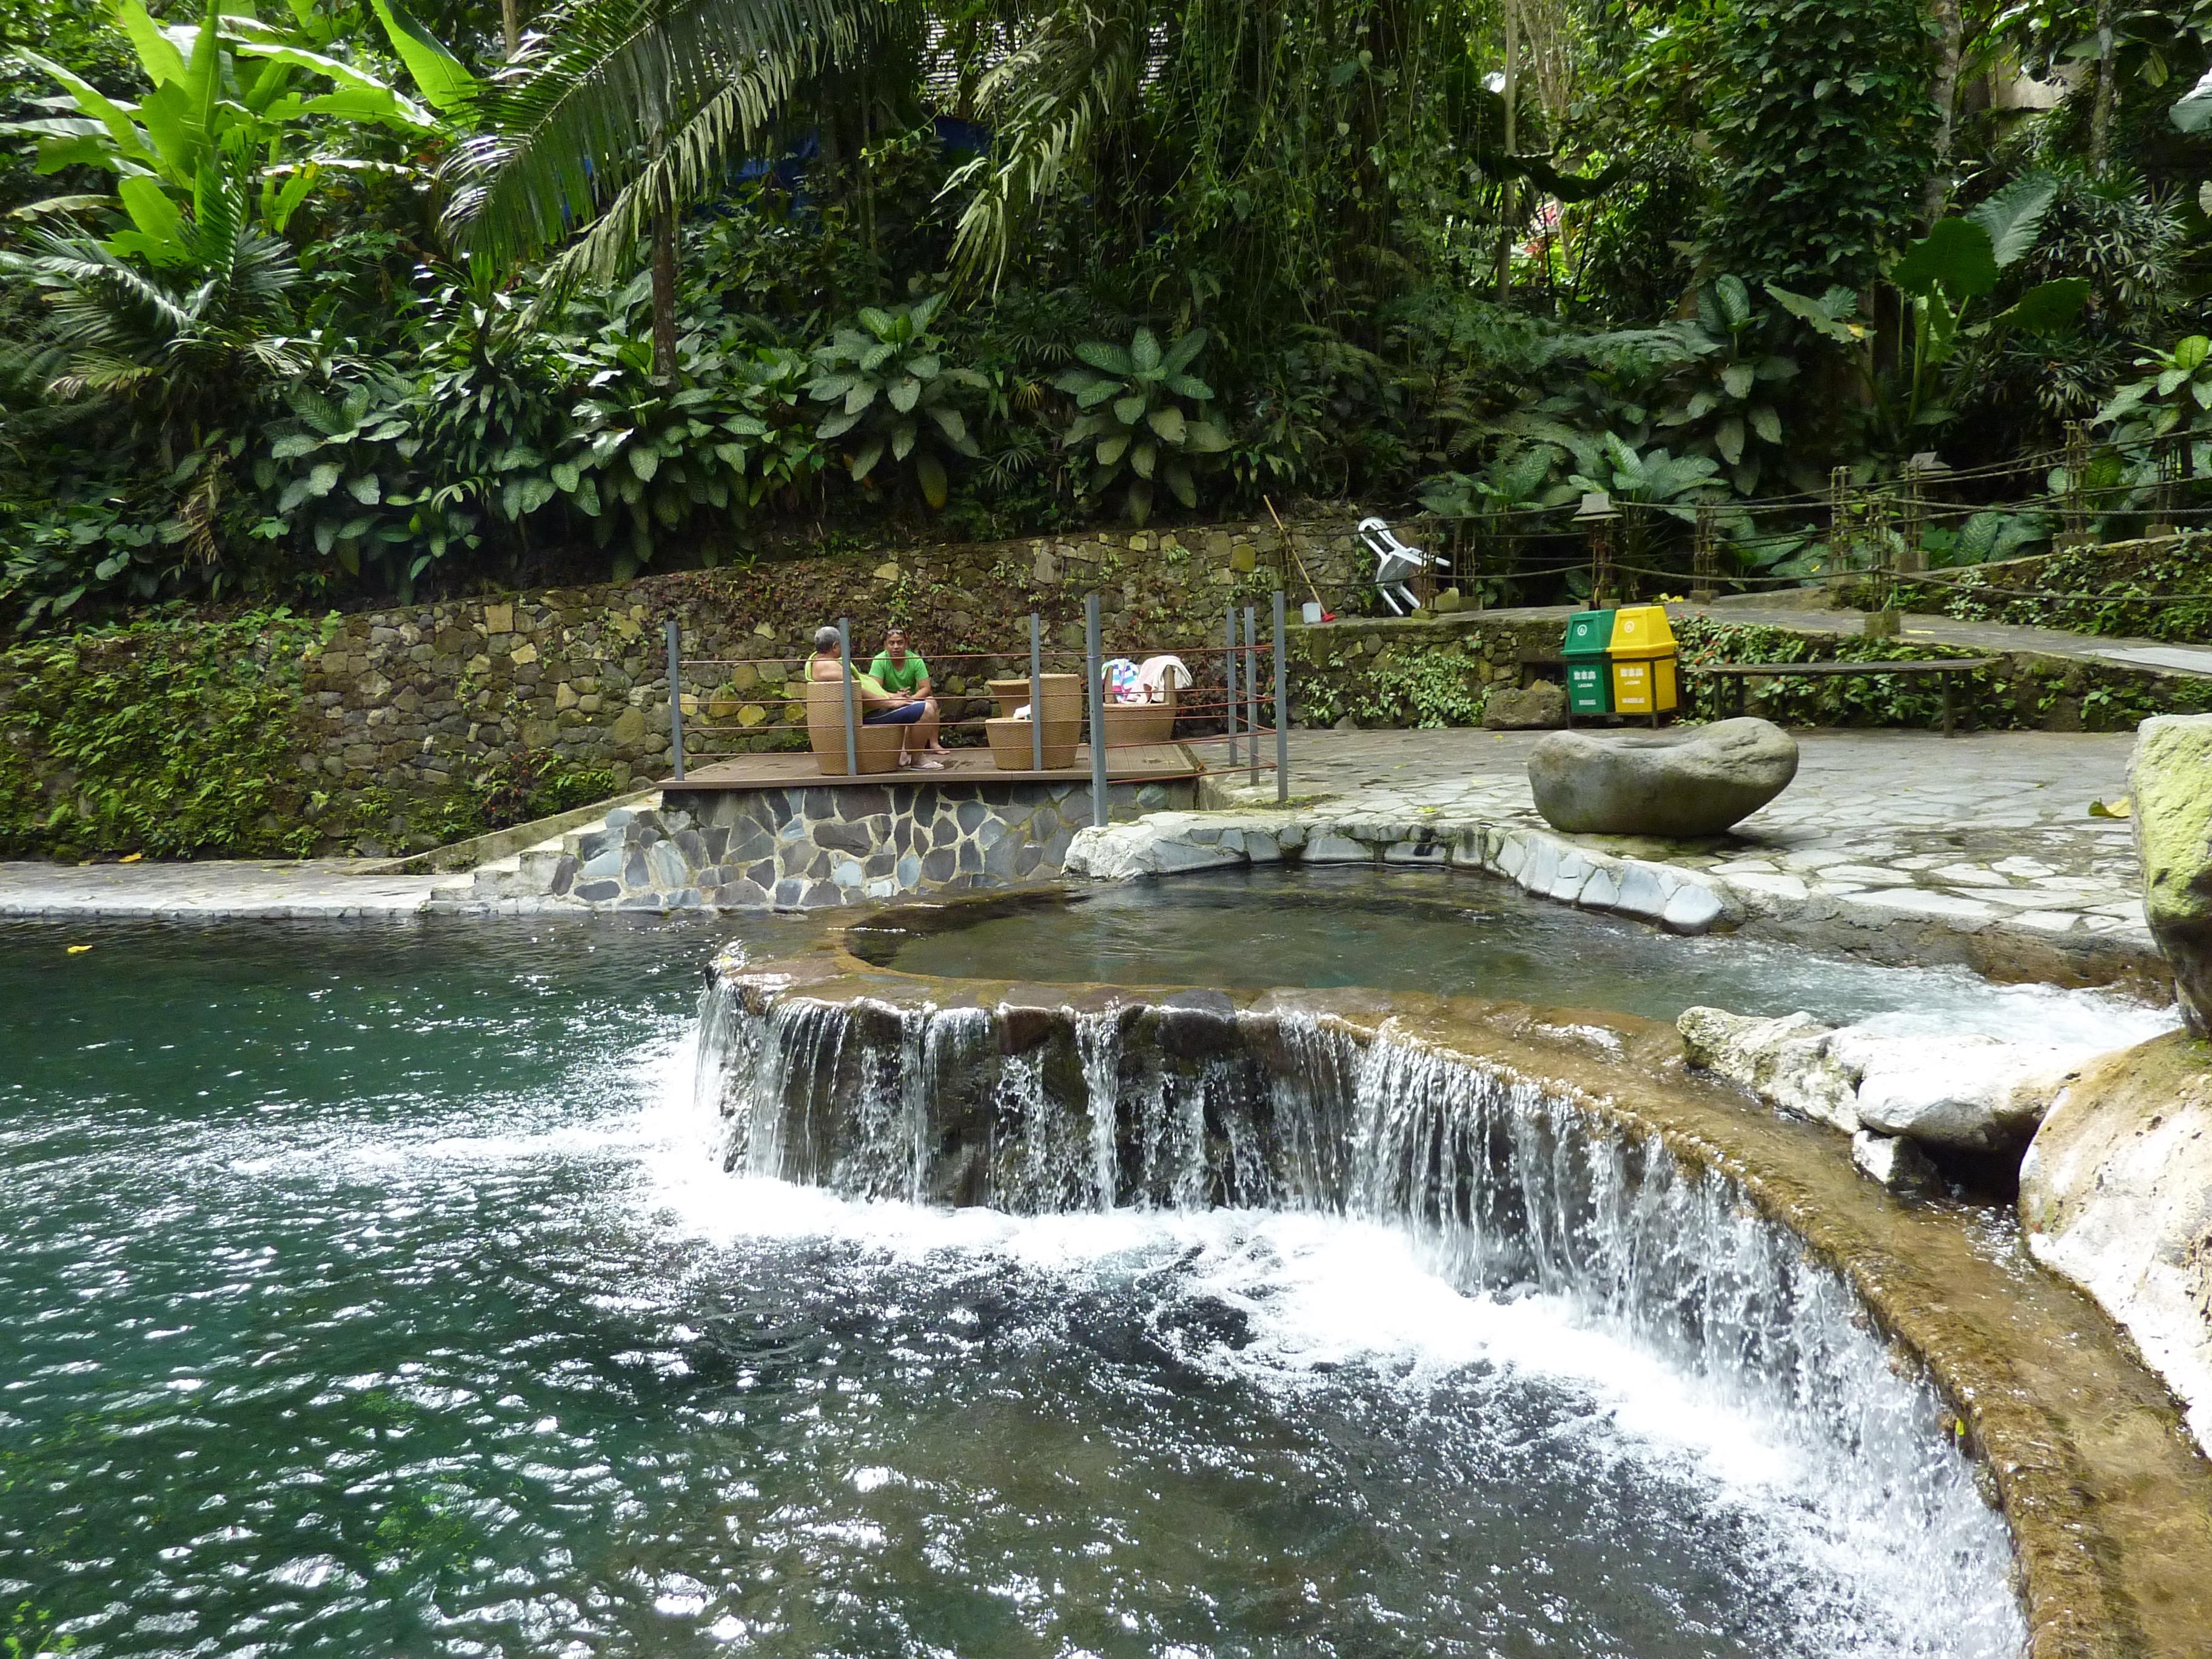 マニラ郊外ツアー 映画のような世界が広がる☆ヒデンバレー温泉ツアー